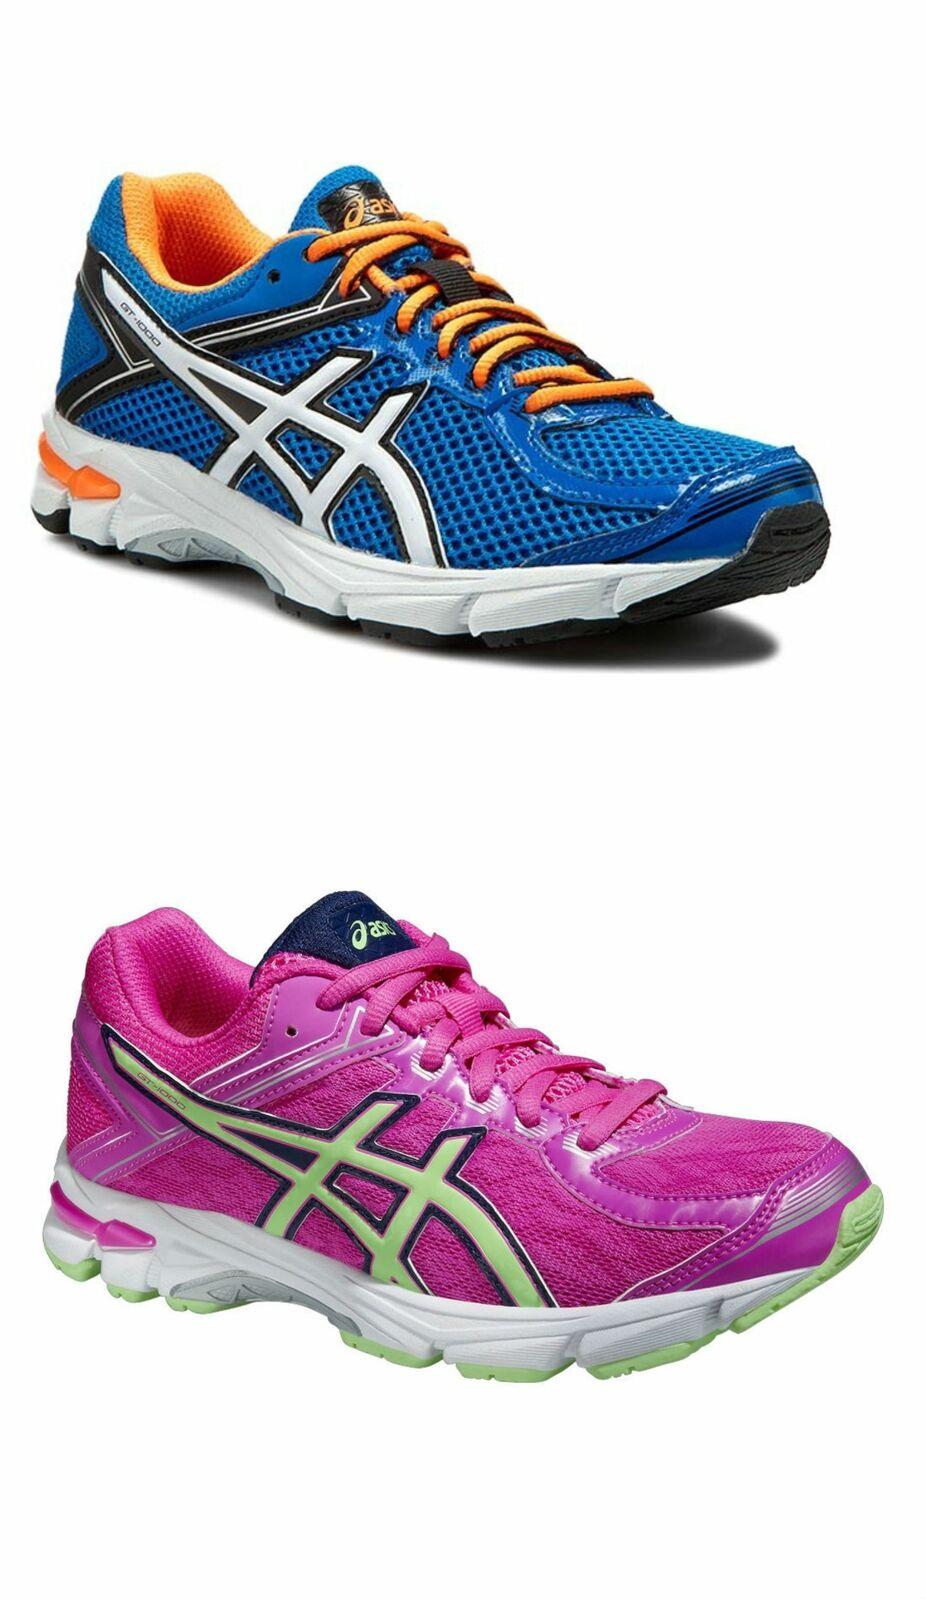 2b9a7d62fb8 Asics GT 1000 Gel Junior Boys Girls Trainers shoes Kids Running ...